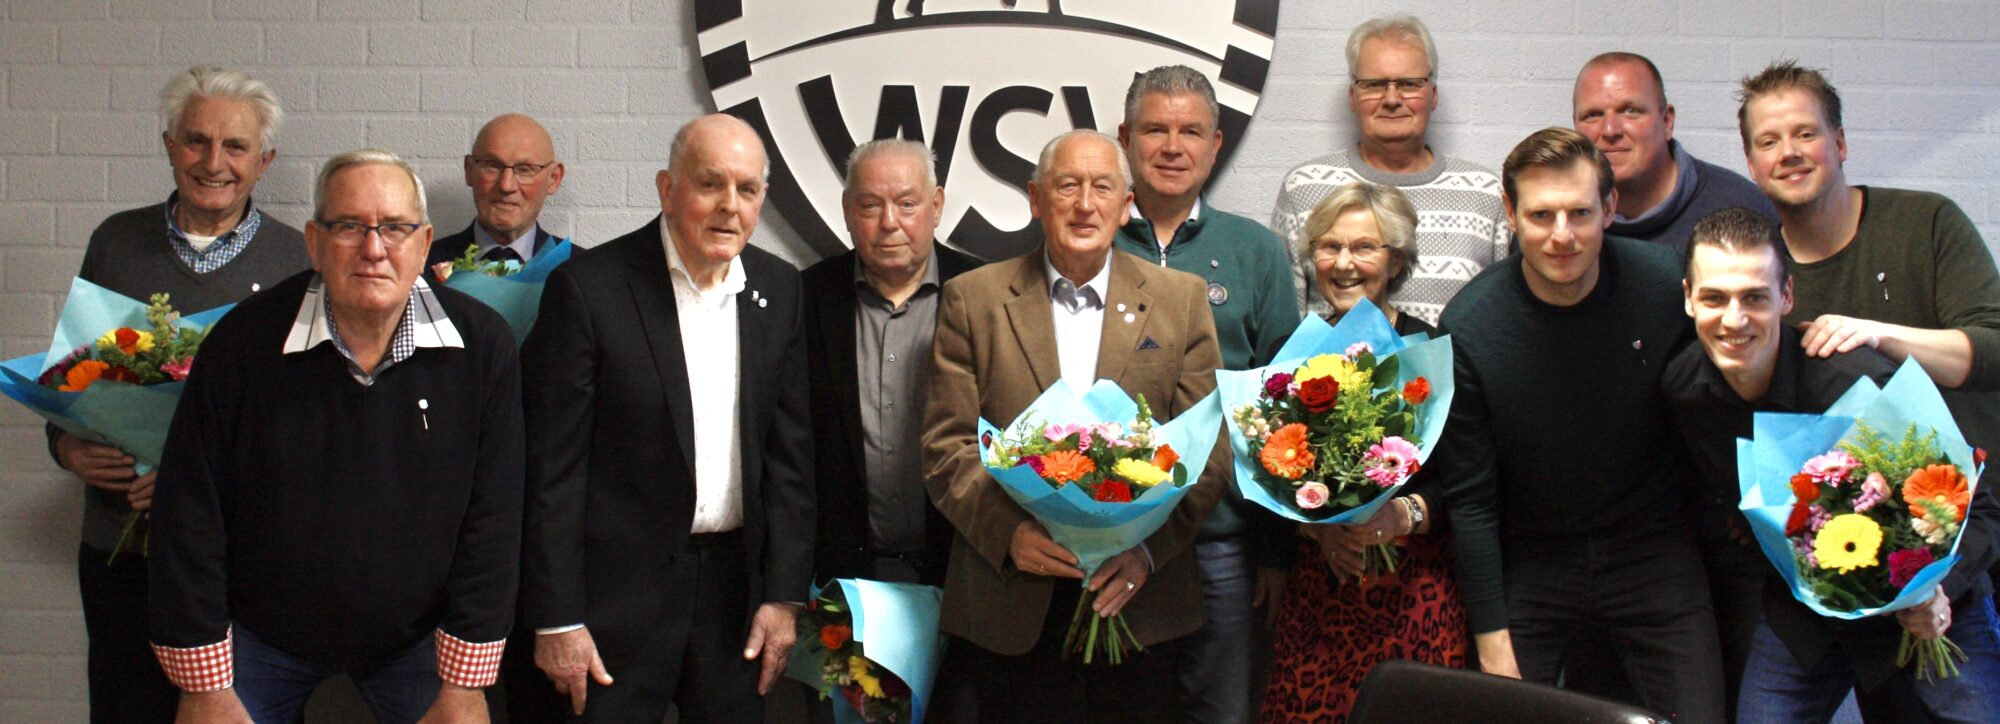 Jubilarissen gehuldigd tijdens nieuwjaarsreceptie WSV